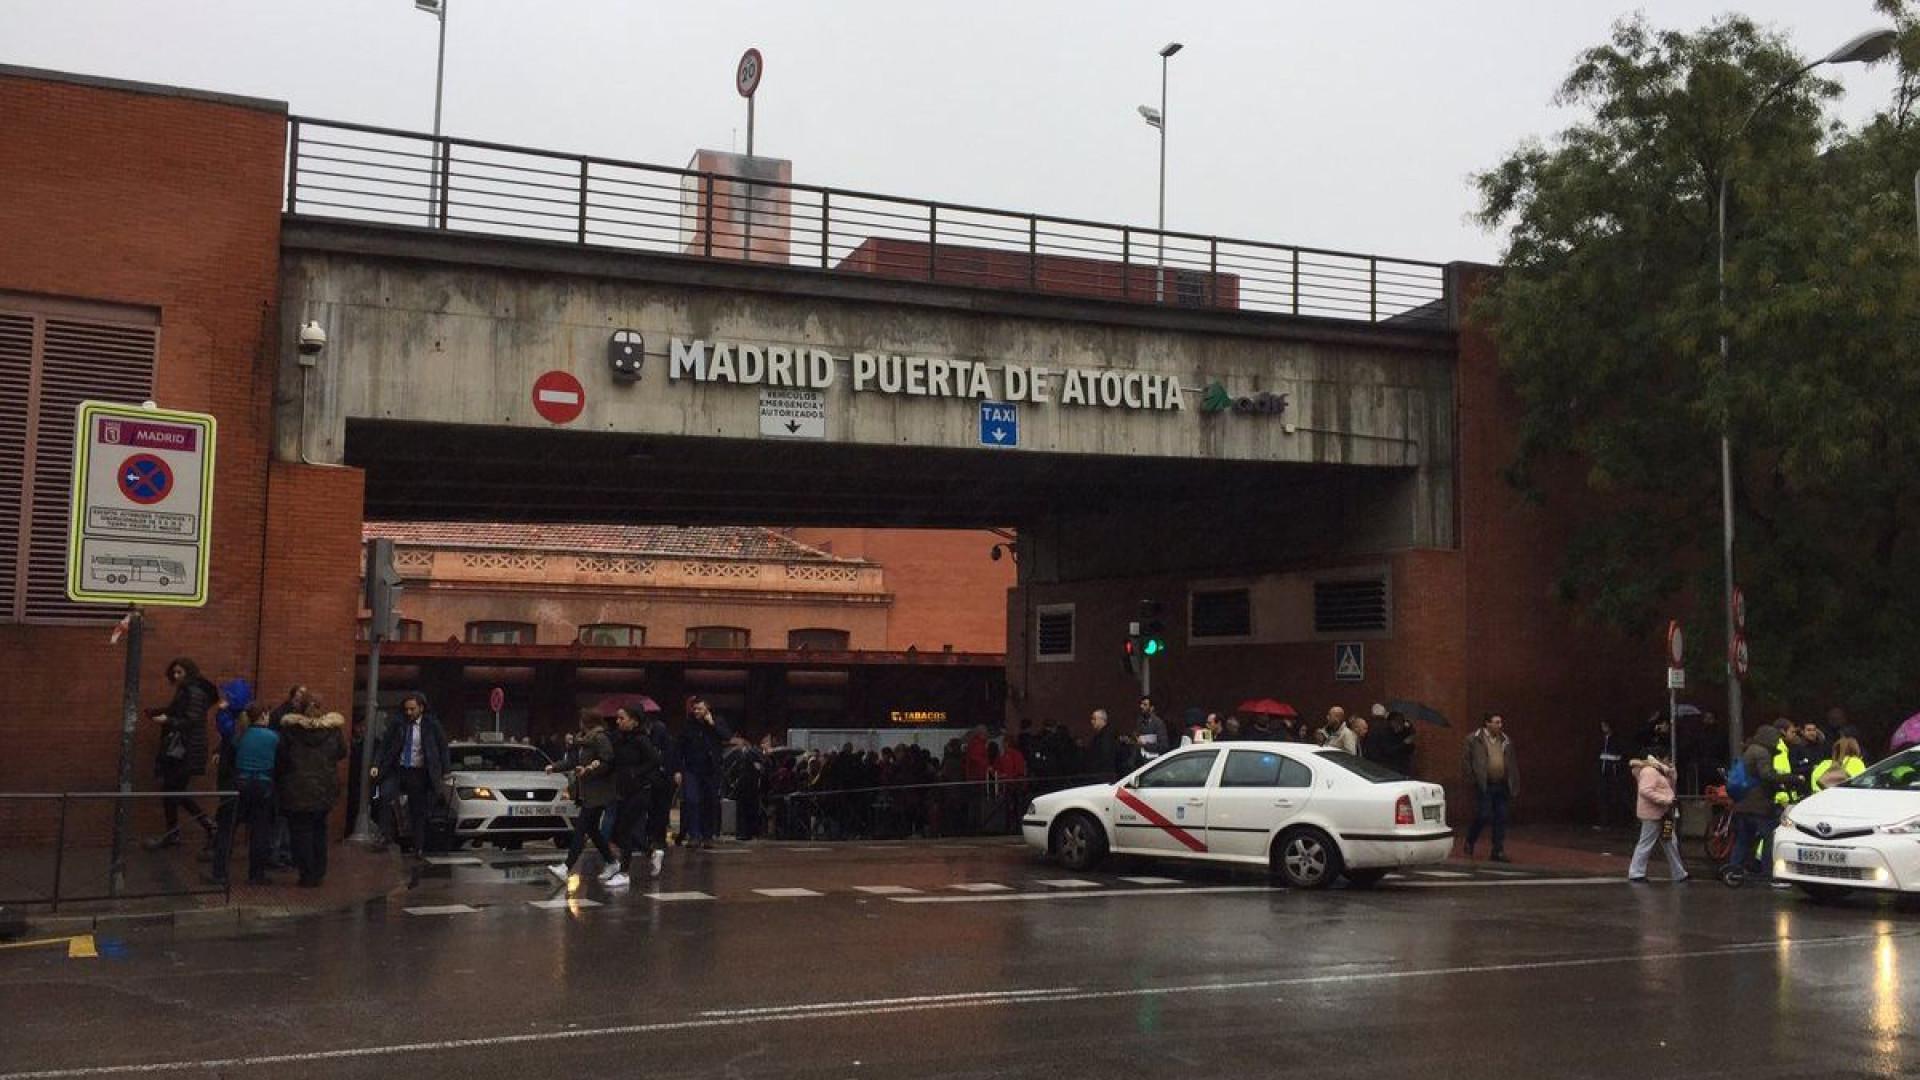 Manhã atribulada: Suspeita de bombas deixou Barcelona e Madrid em alerta